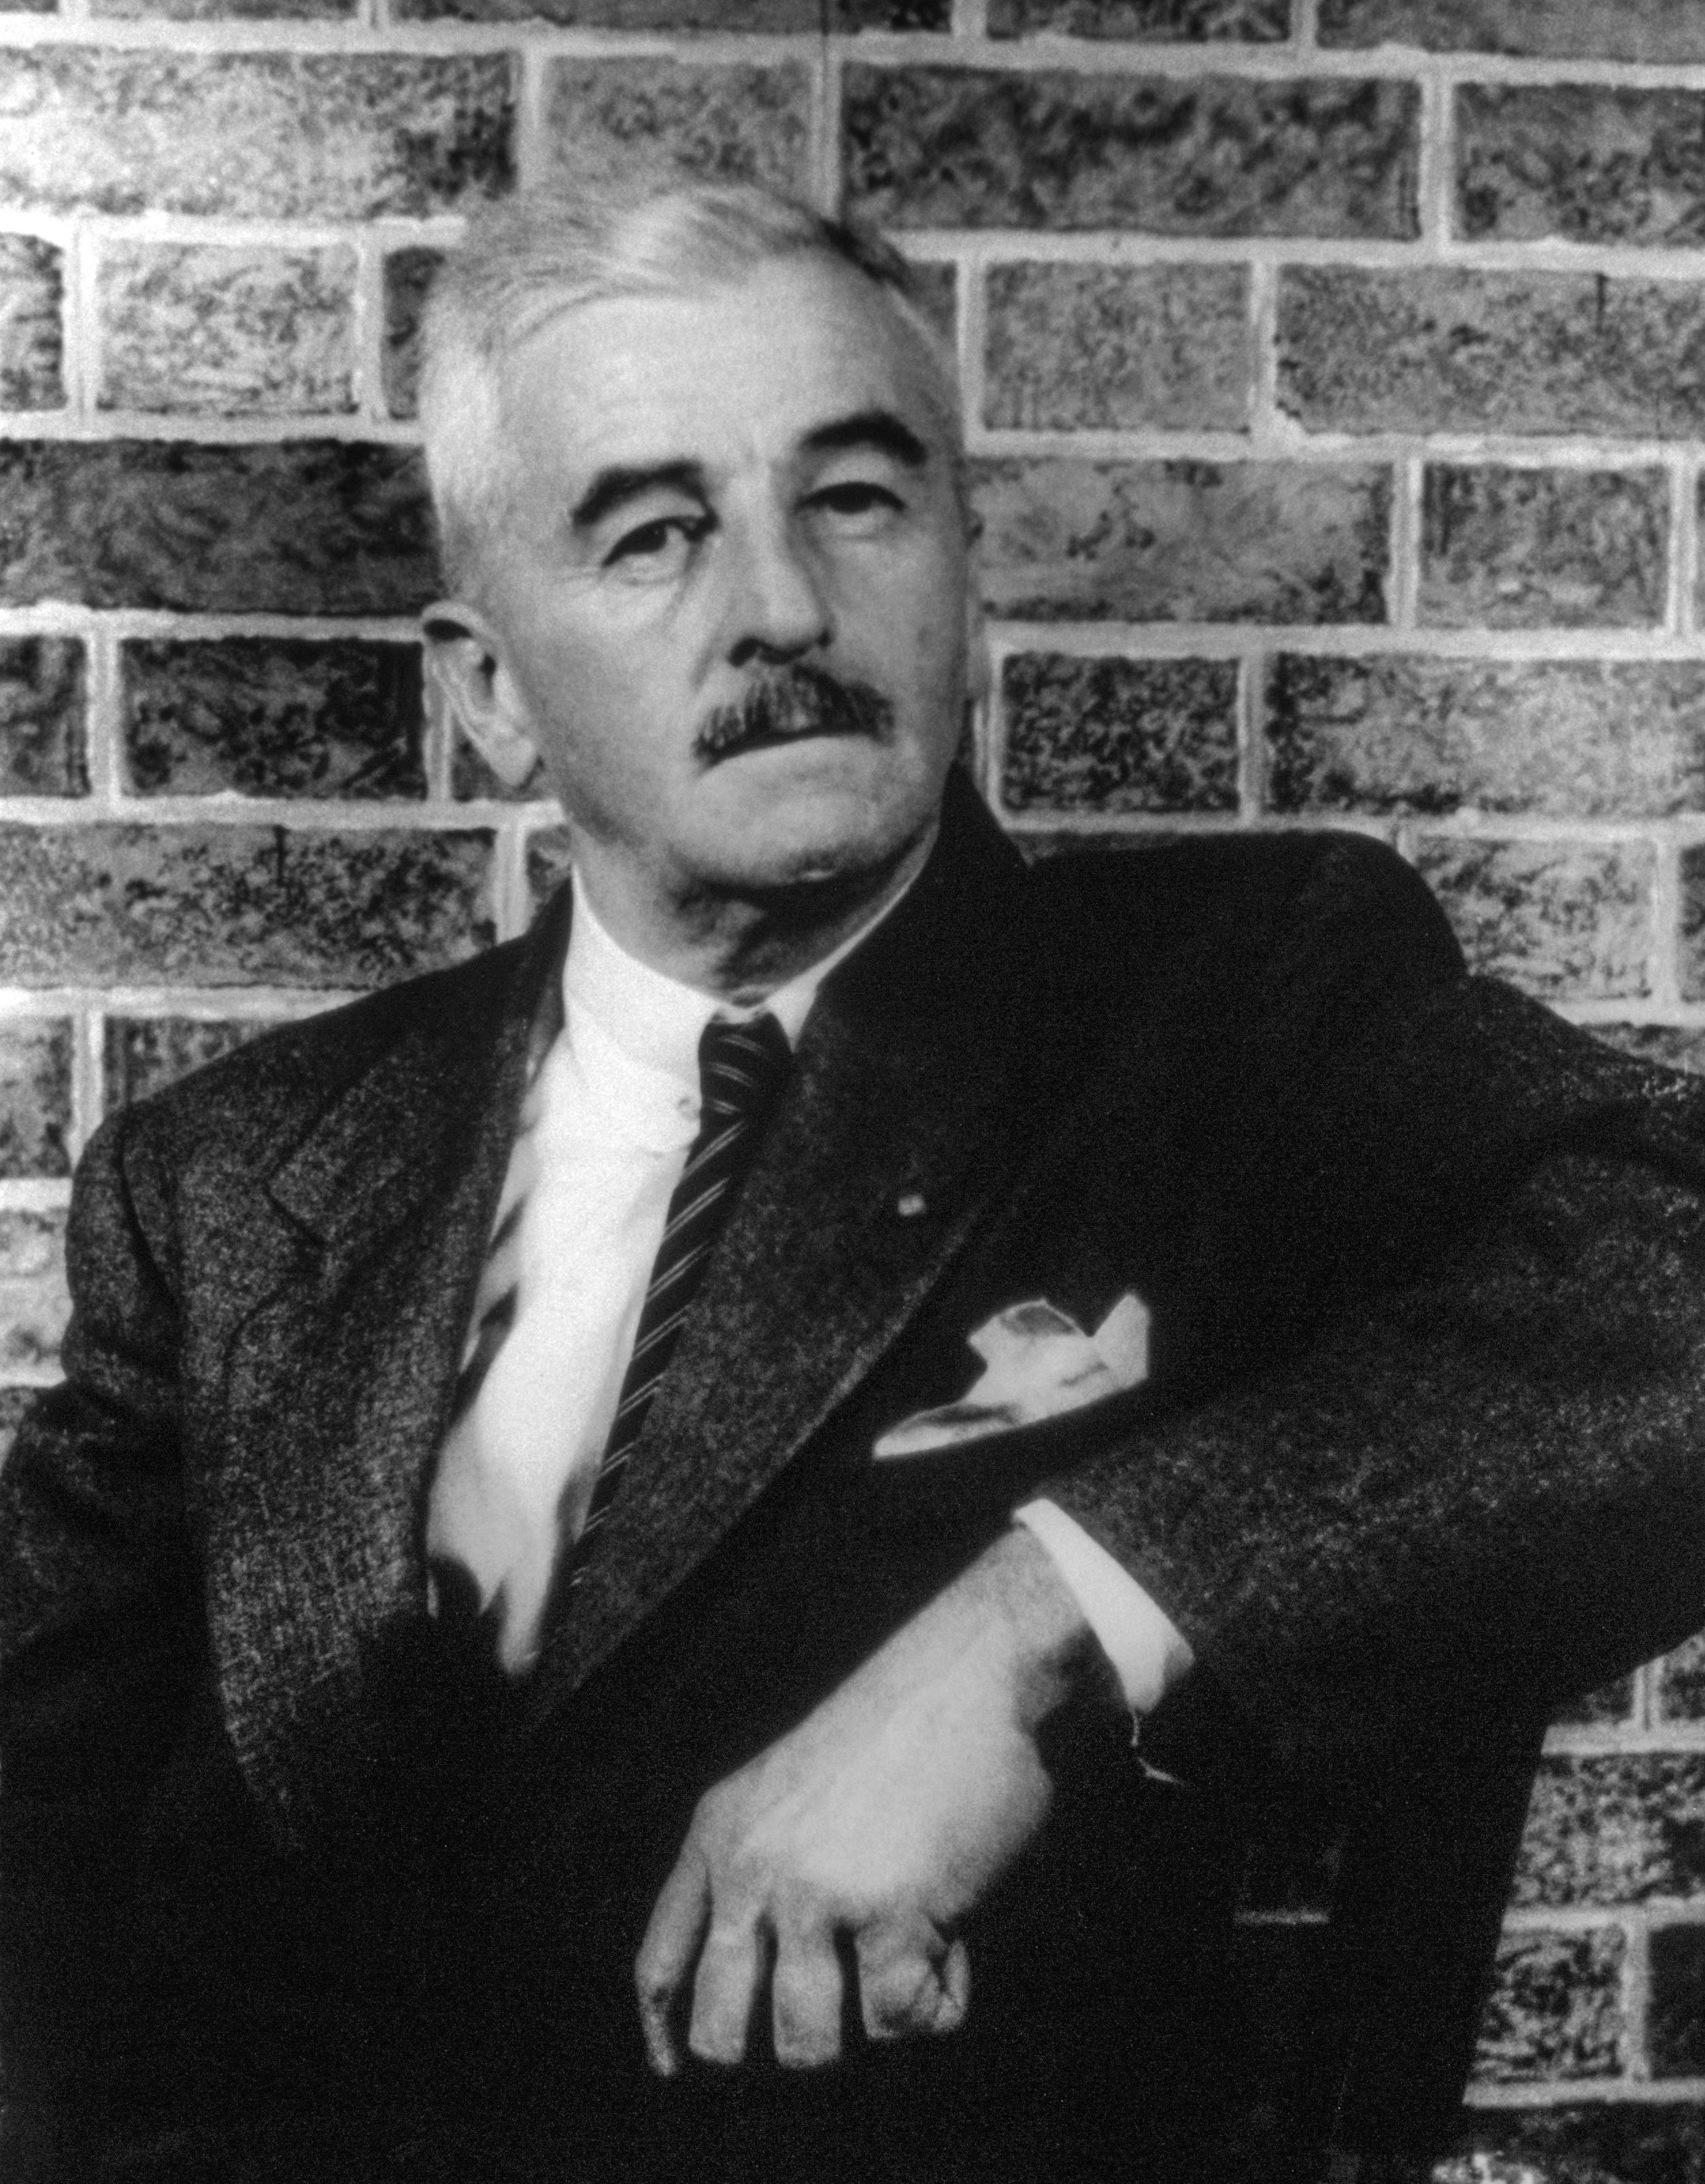 Los libros de William Faulkner